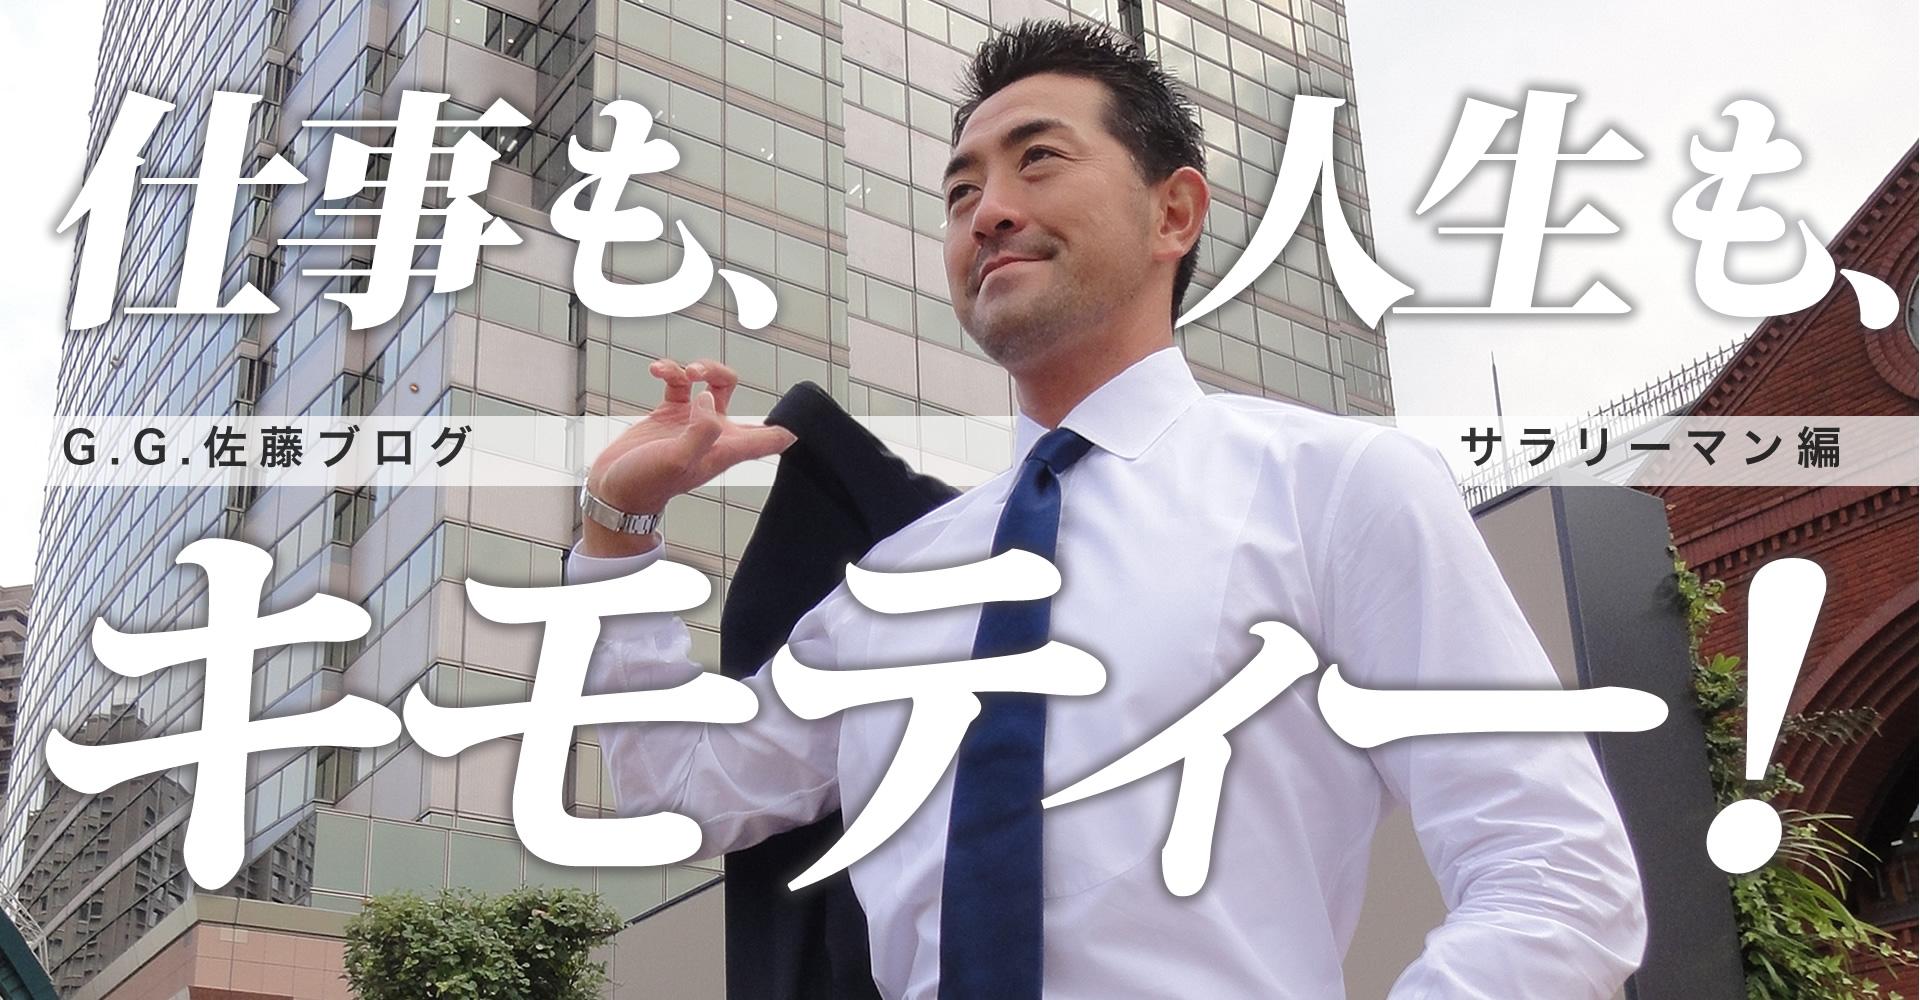 G.G.佐藤の画像 p1_36